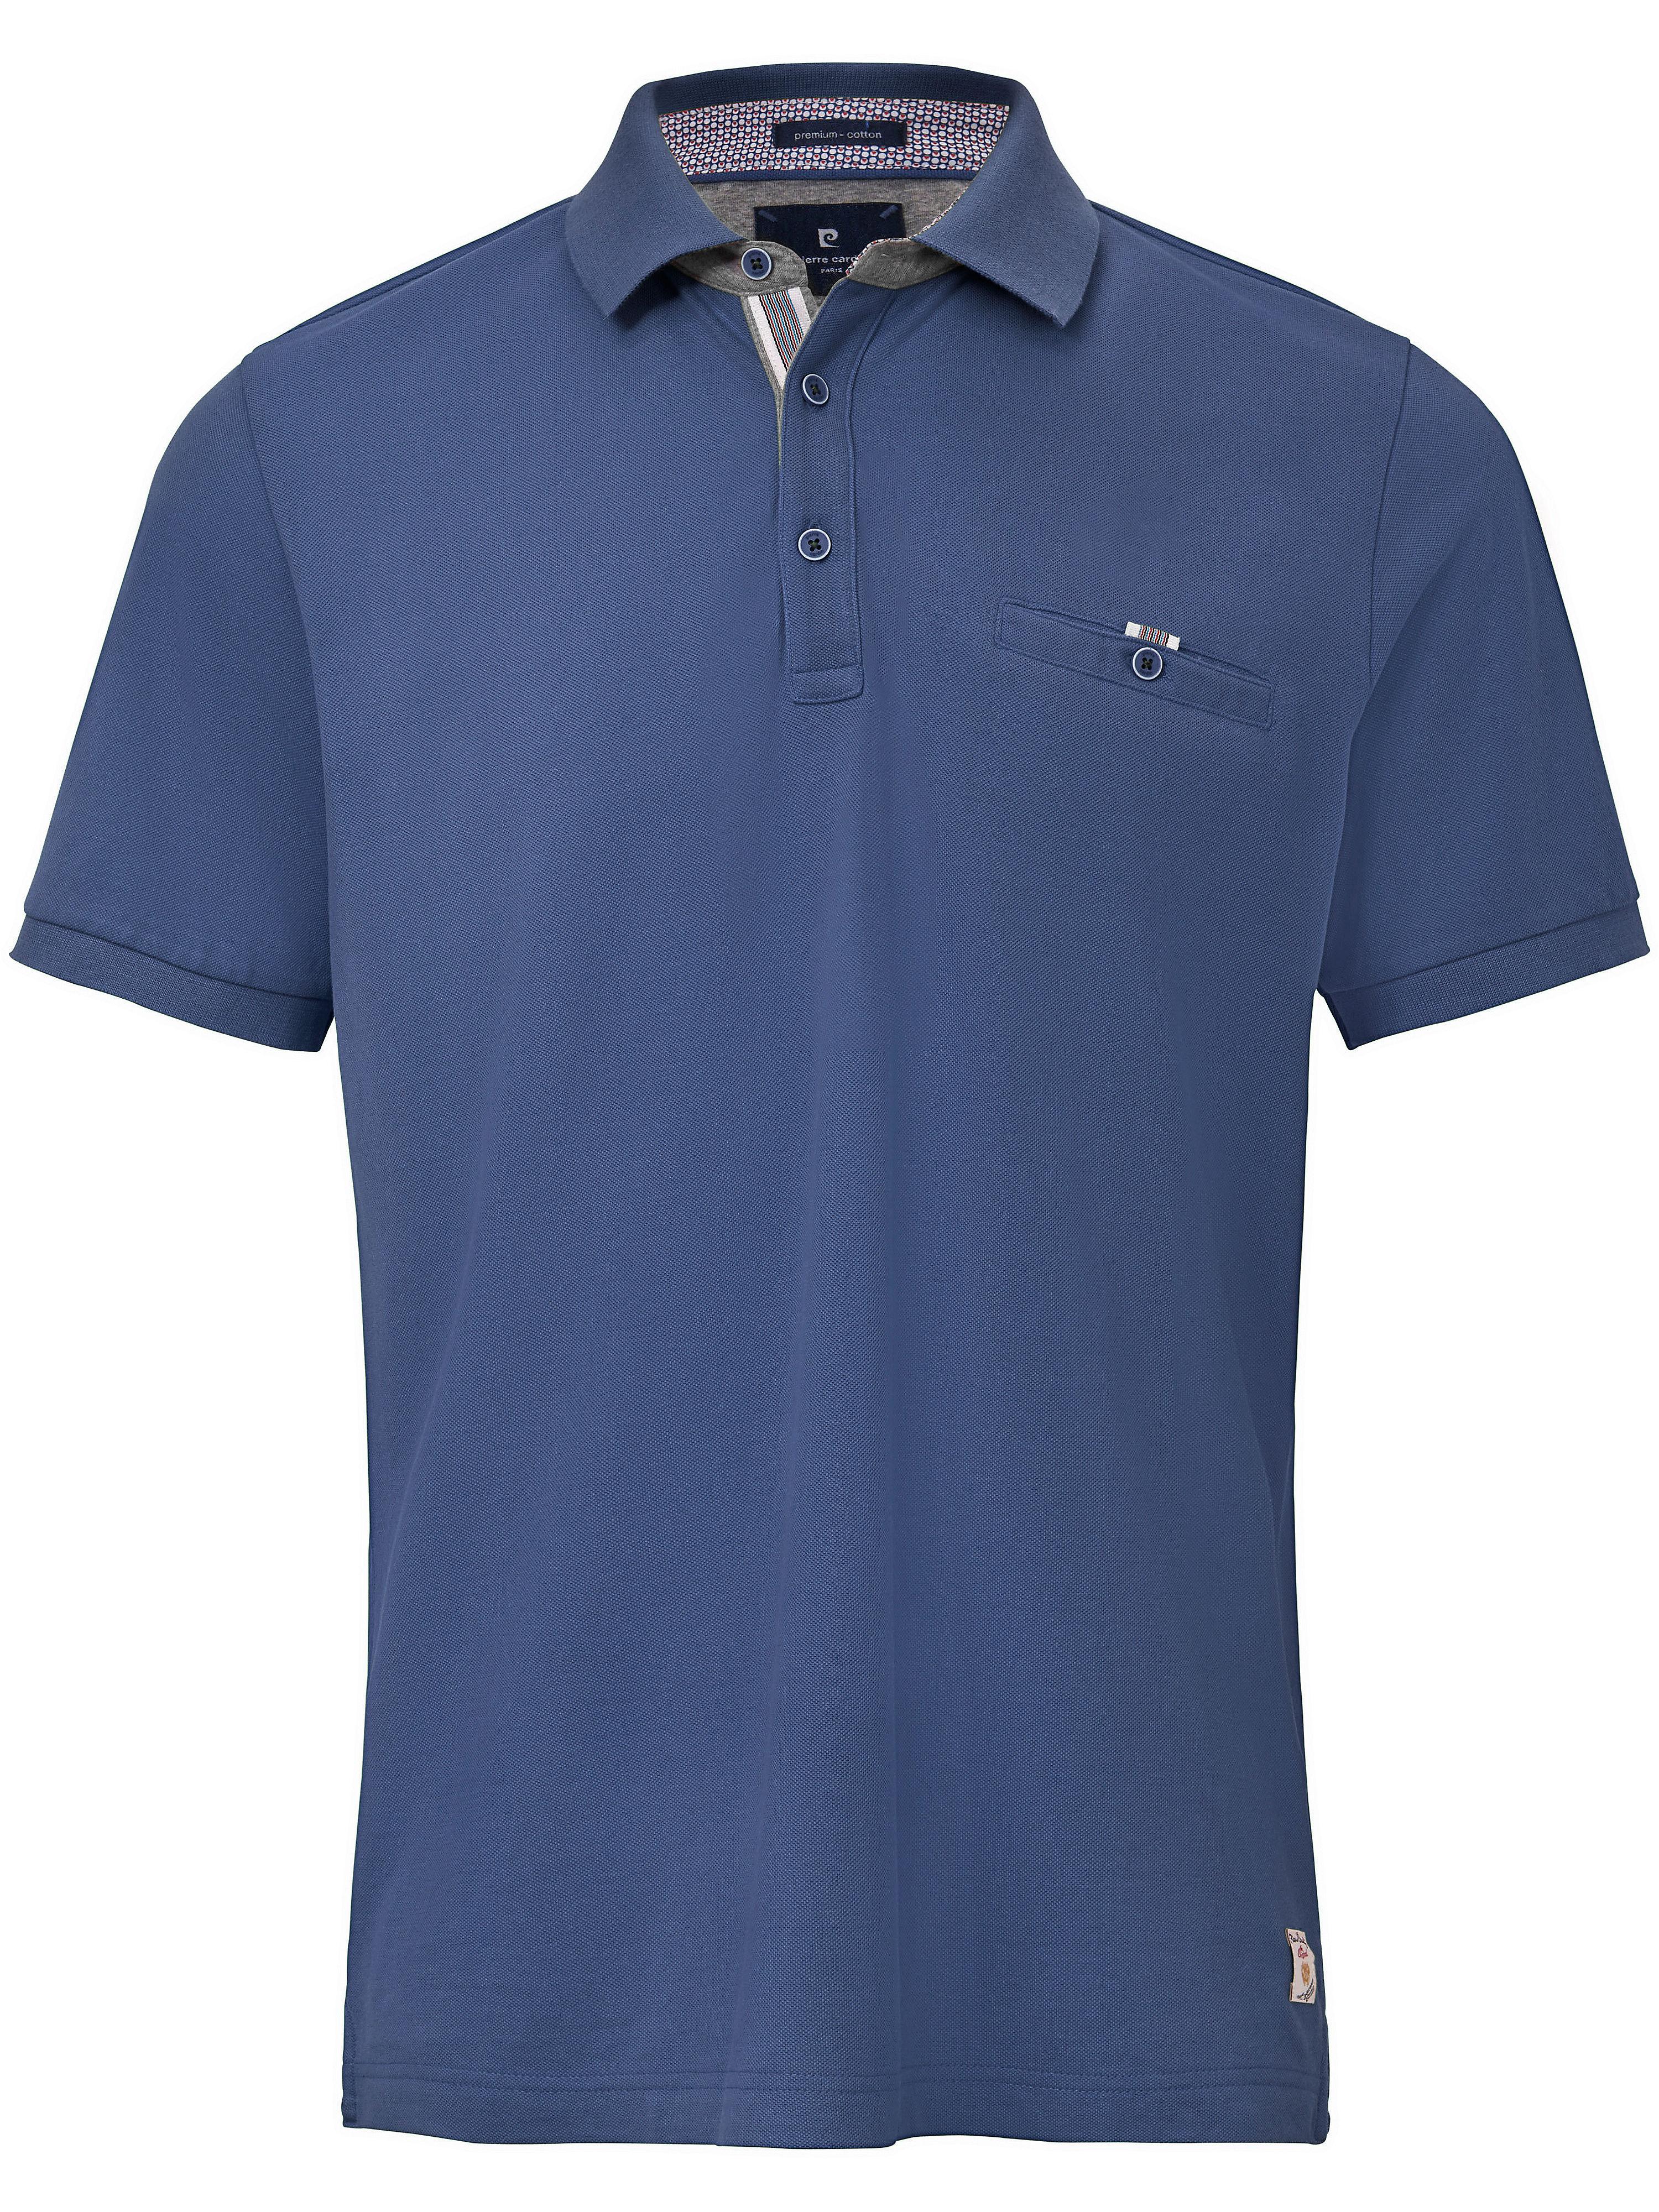 Image of   Poloshirt brystlomme og korte ærmer Fra Pierre Cardin blå